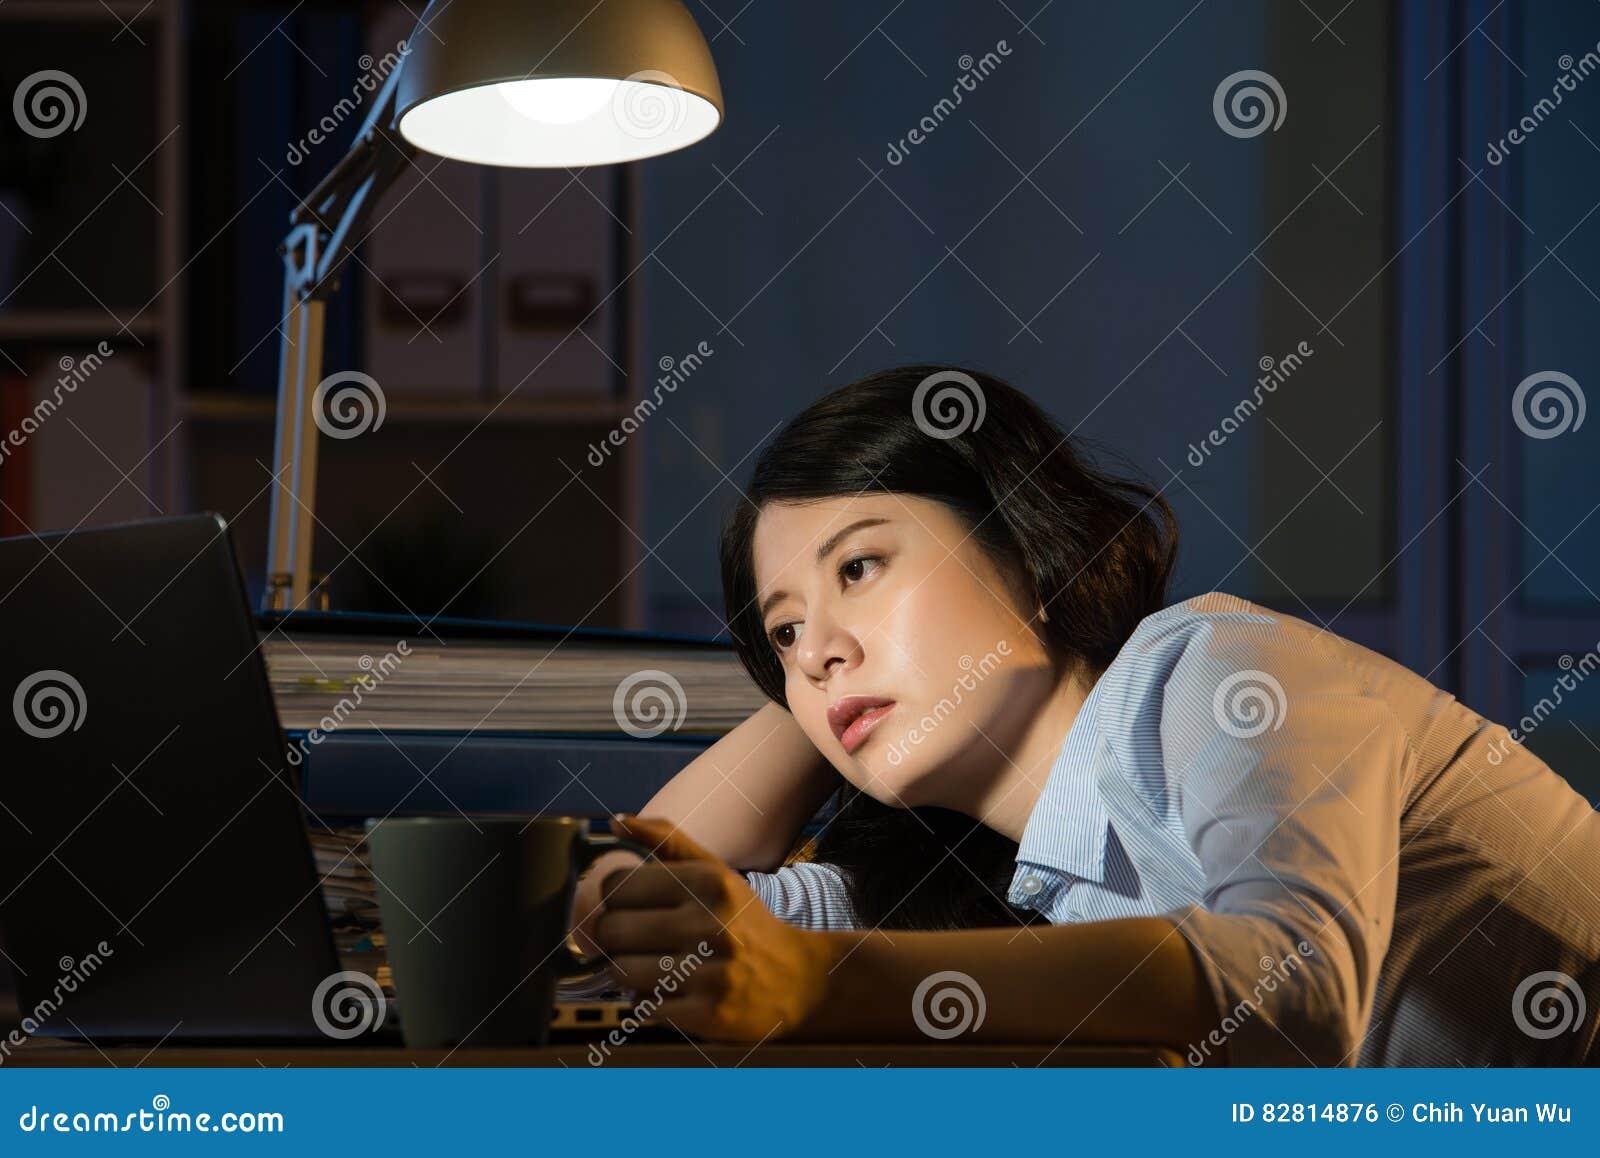 Donna asiatica di affari sonnolenta lavorando fuori orario a tarda notte